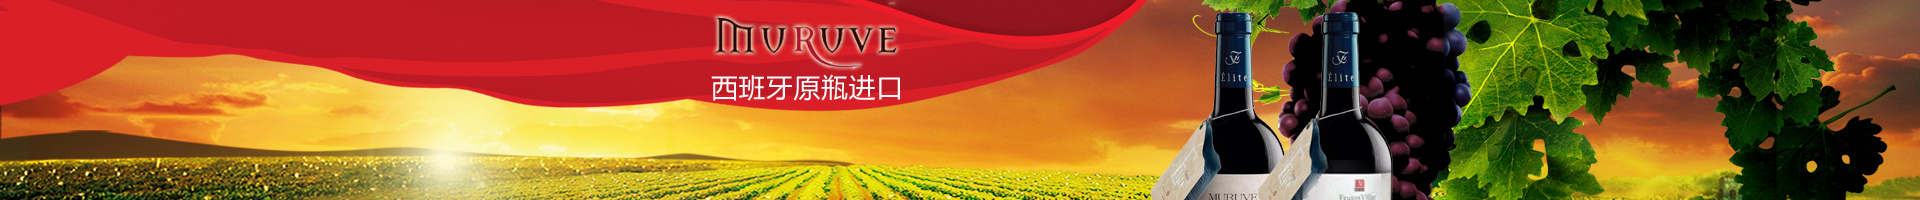 广州市康耀贸易有限公司